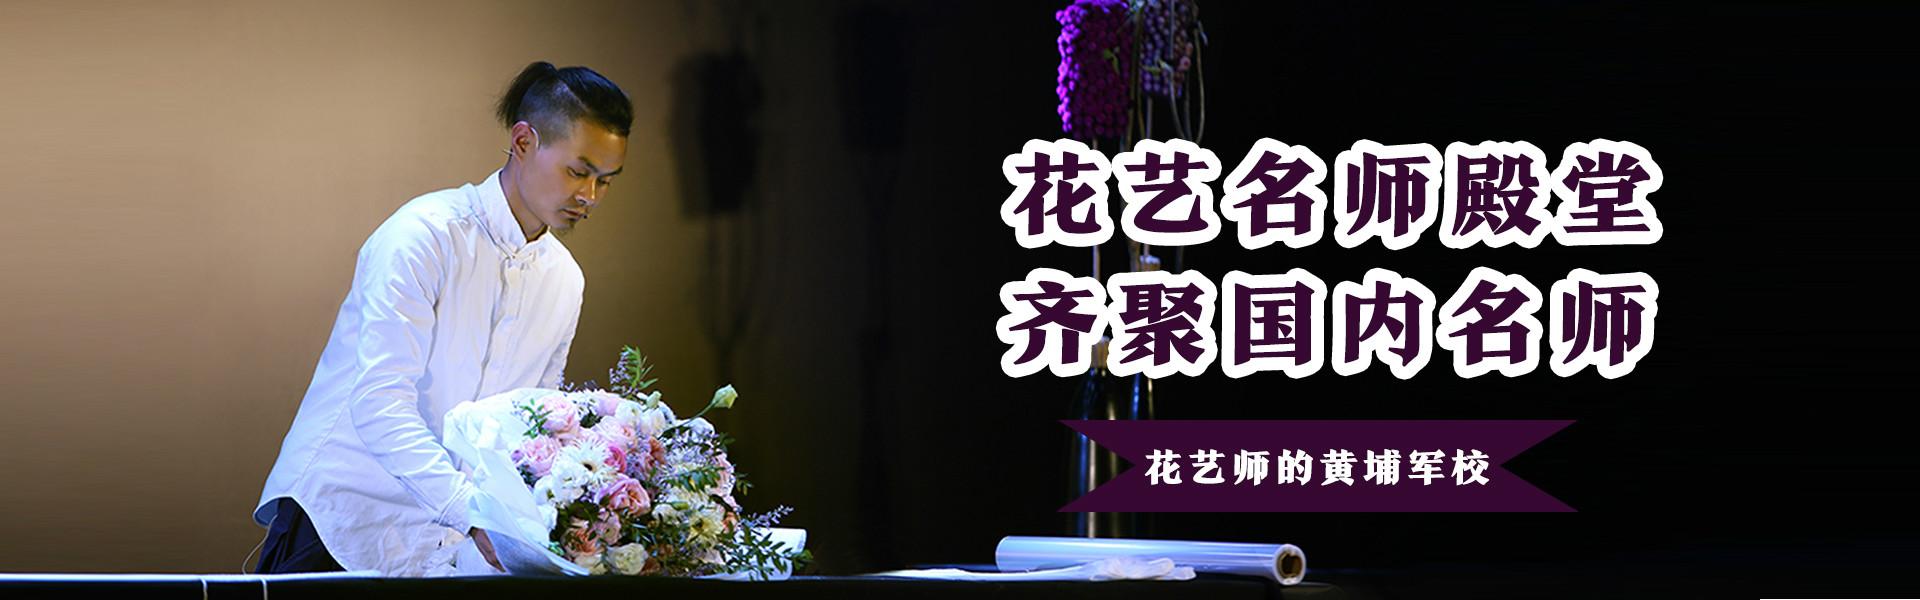 武汉花屿鹿文化传播有限公司